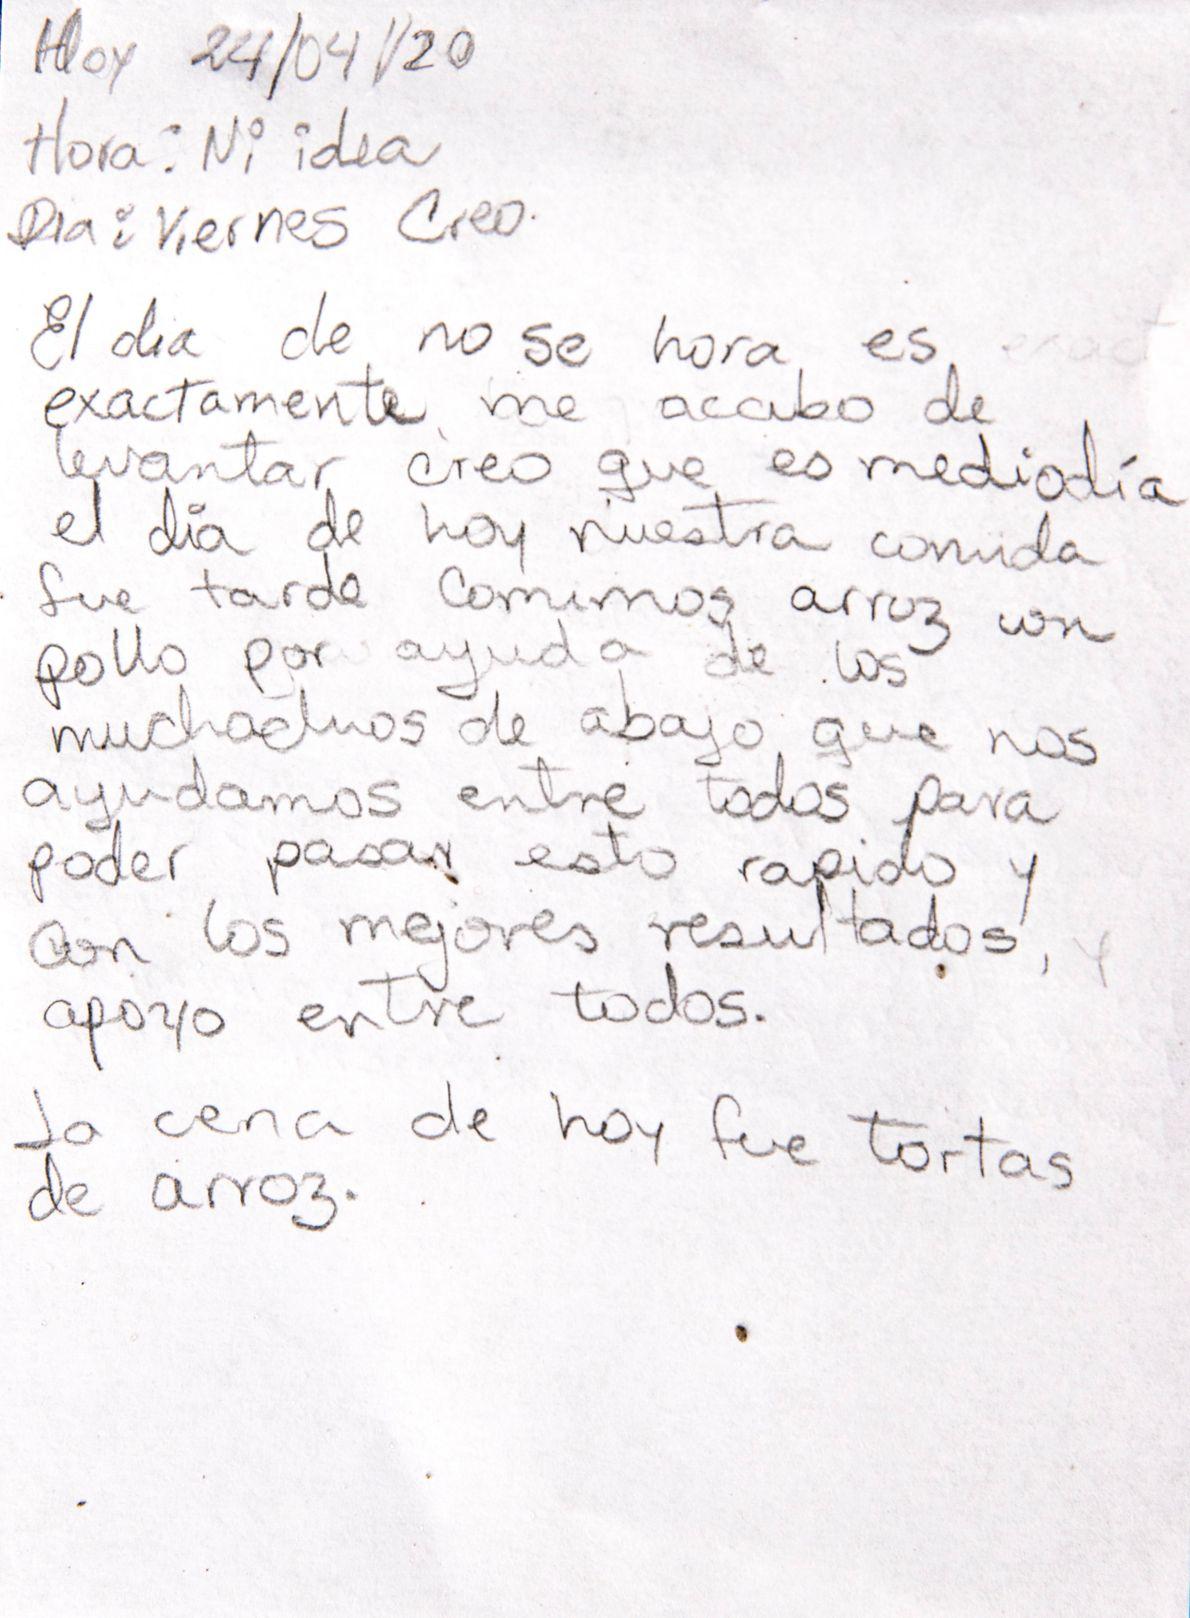 Una entrada del diario de una migrante venezolana en Bogotá, Colombia.